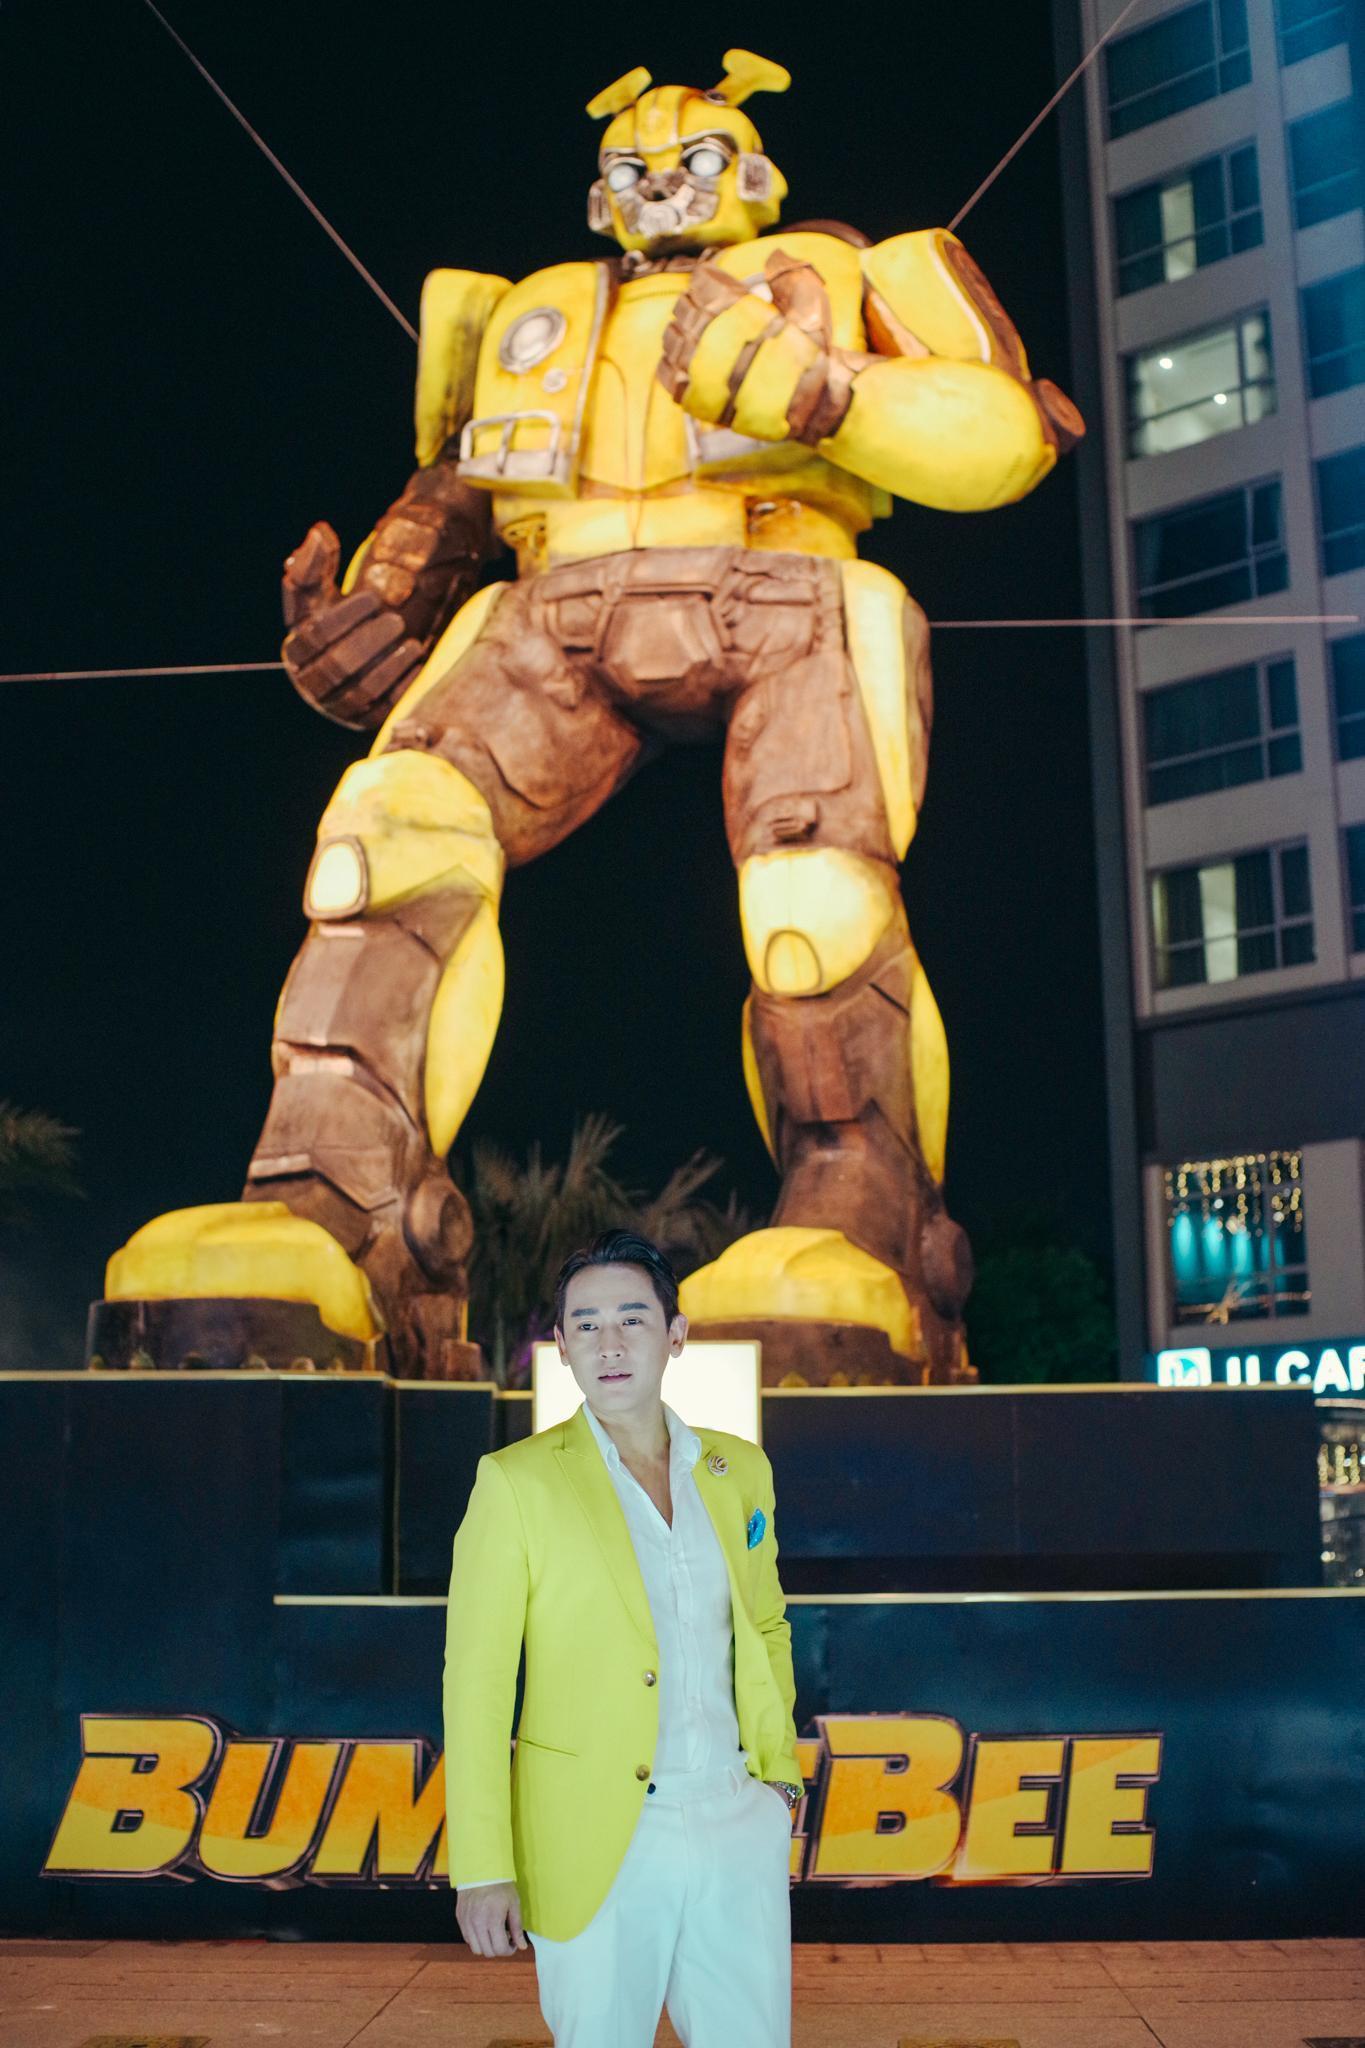 Choáng ngợp với mô hình Bumblebee lớn nhất tại Việt Nam - Ảnh 5.